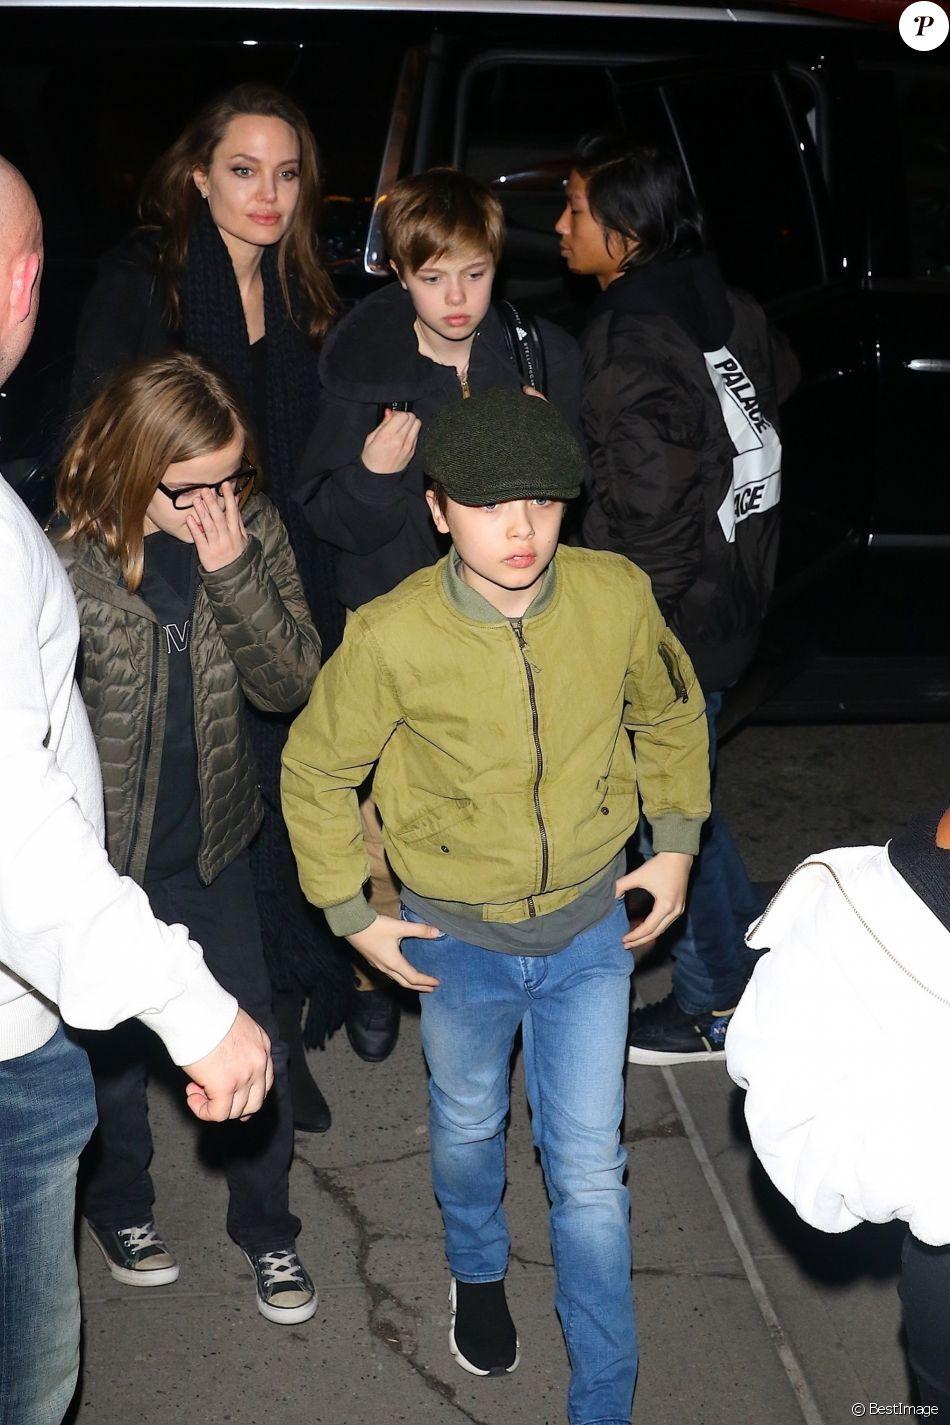 Exclusif - Angelina Jolie est allée faire du shopping avec ses enfants Pax, Sahara, Vivienne, Knox et Shiloh au magasin de sports KITH à New York, 22 février 2019